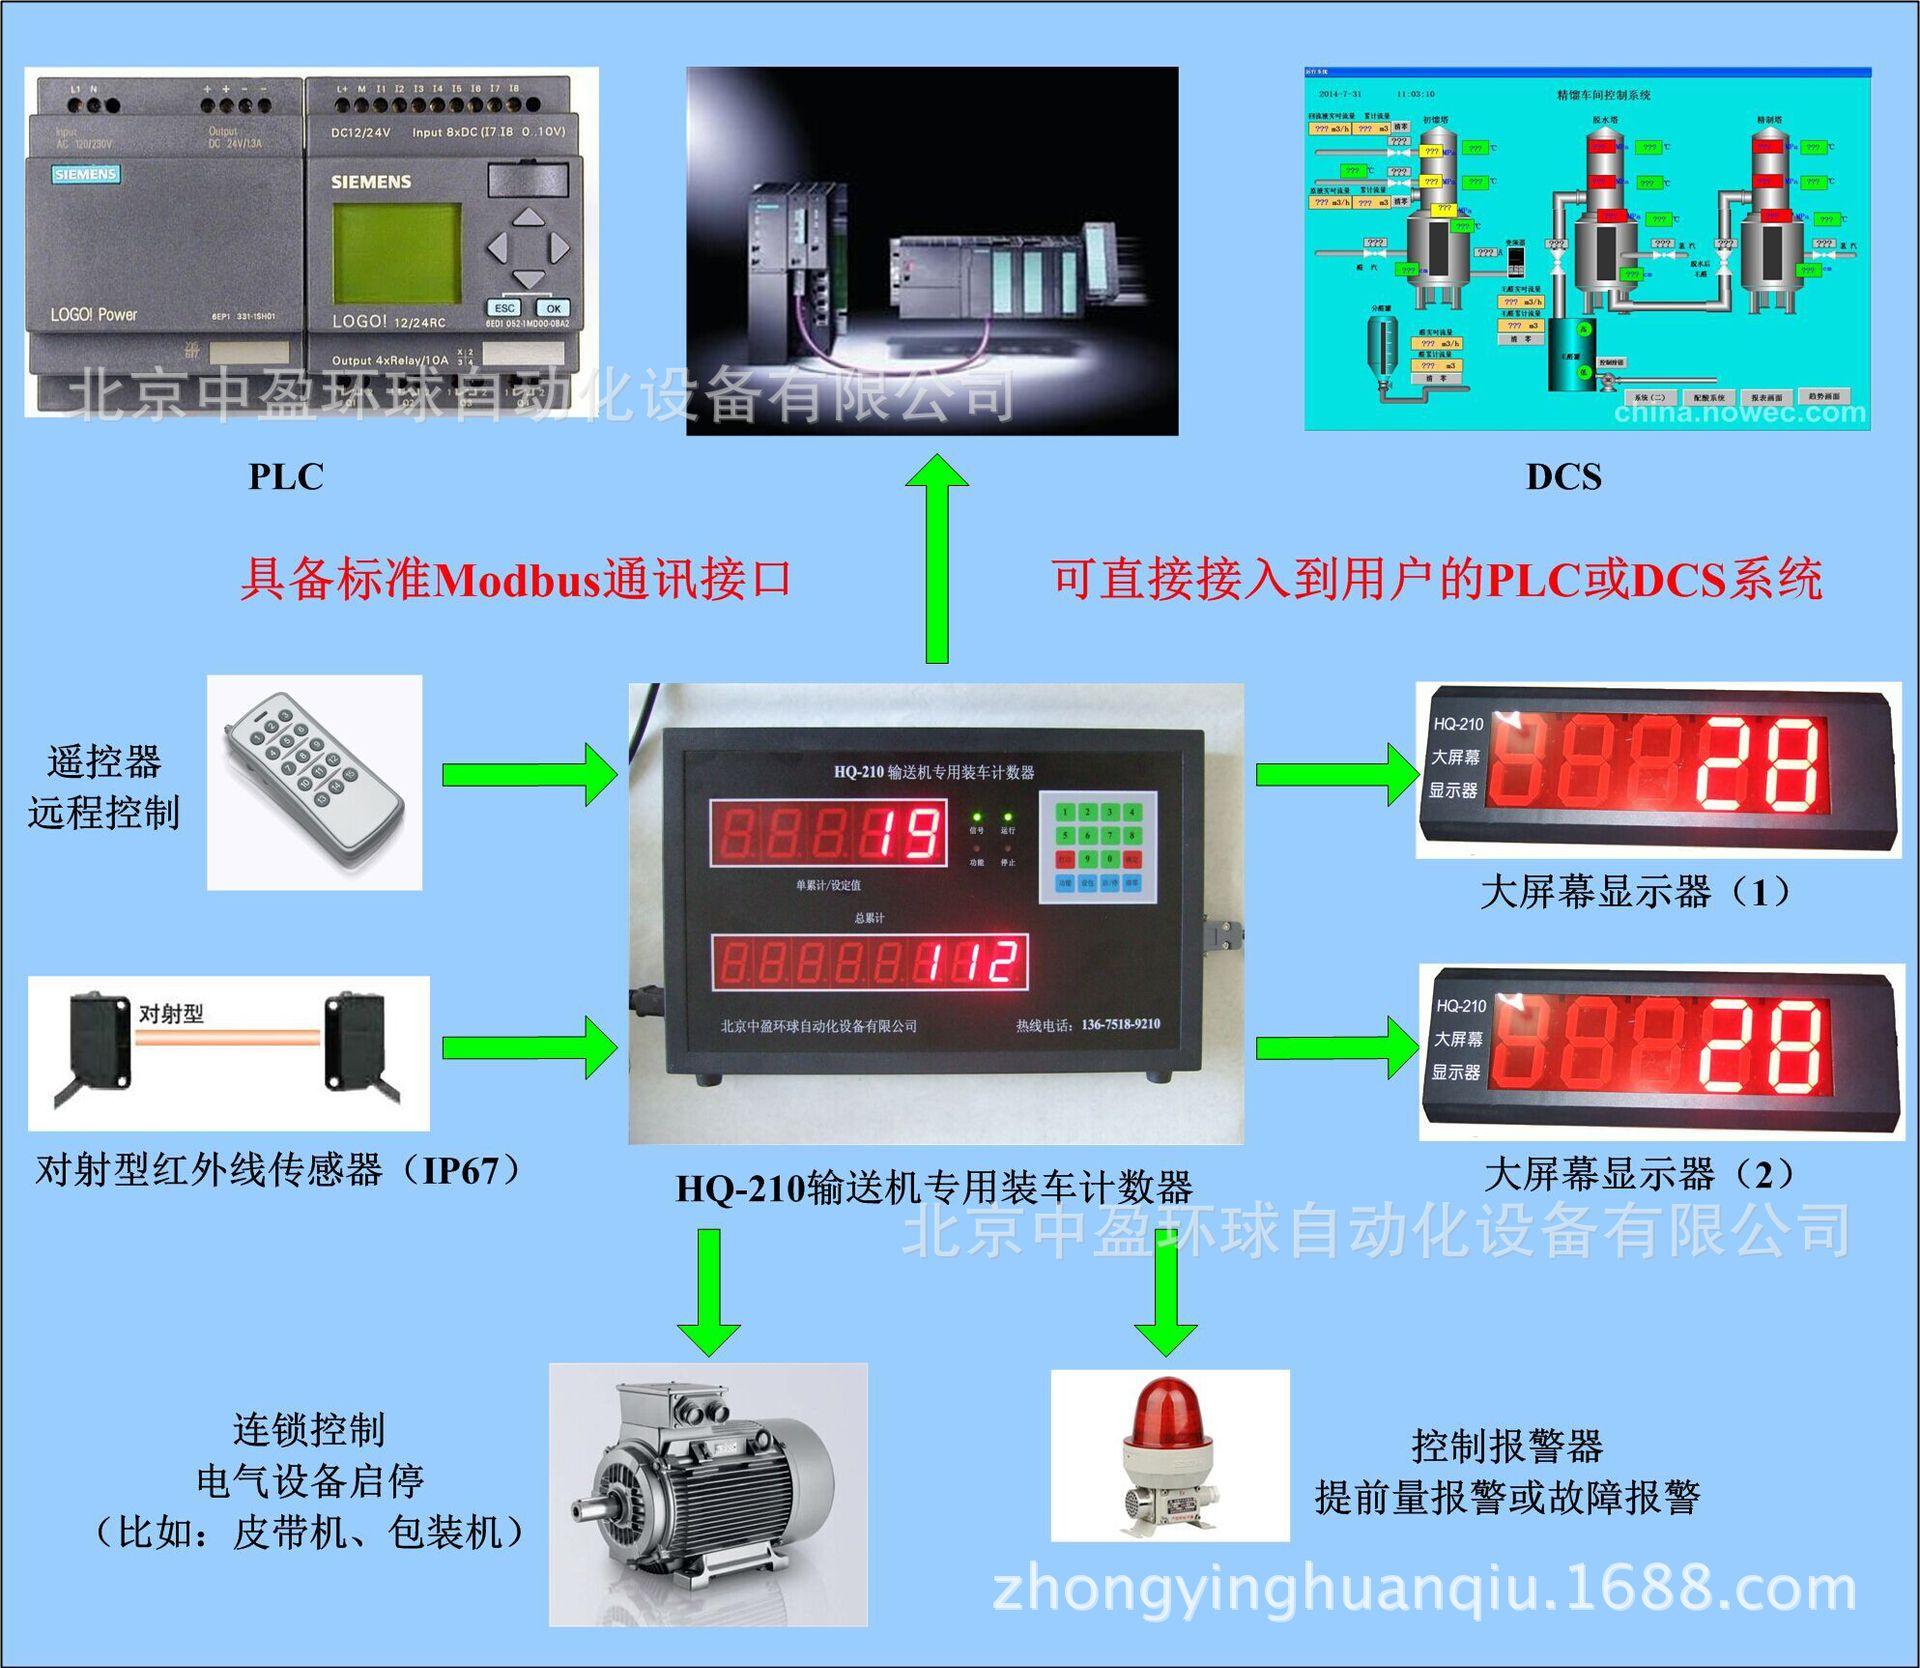 水泥生产线计数管理系统应用于唐山冀东水泥